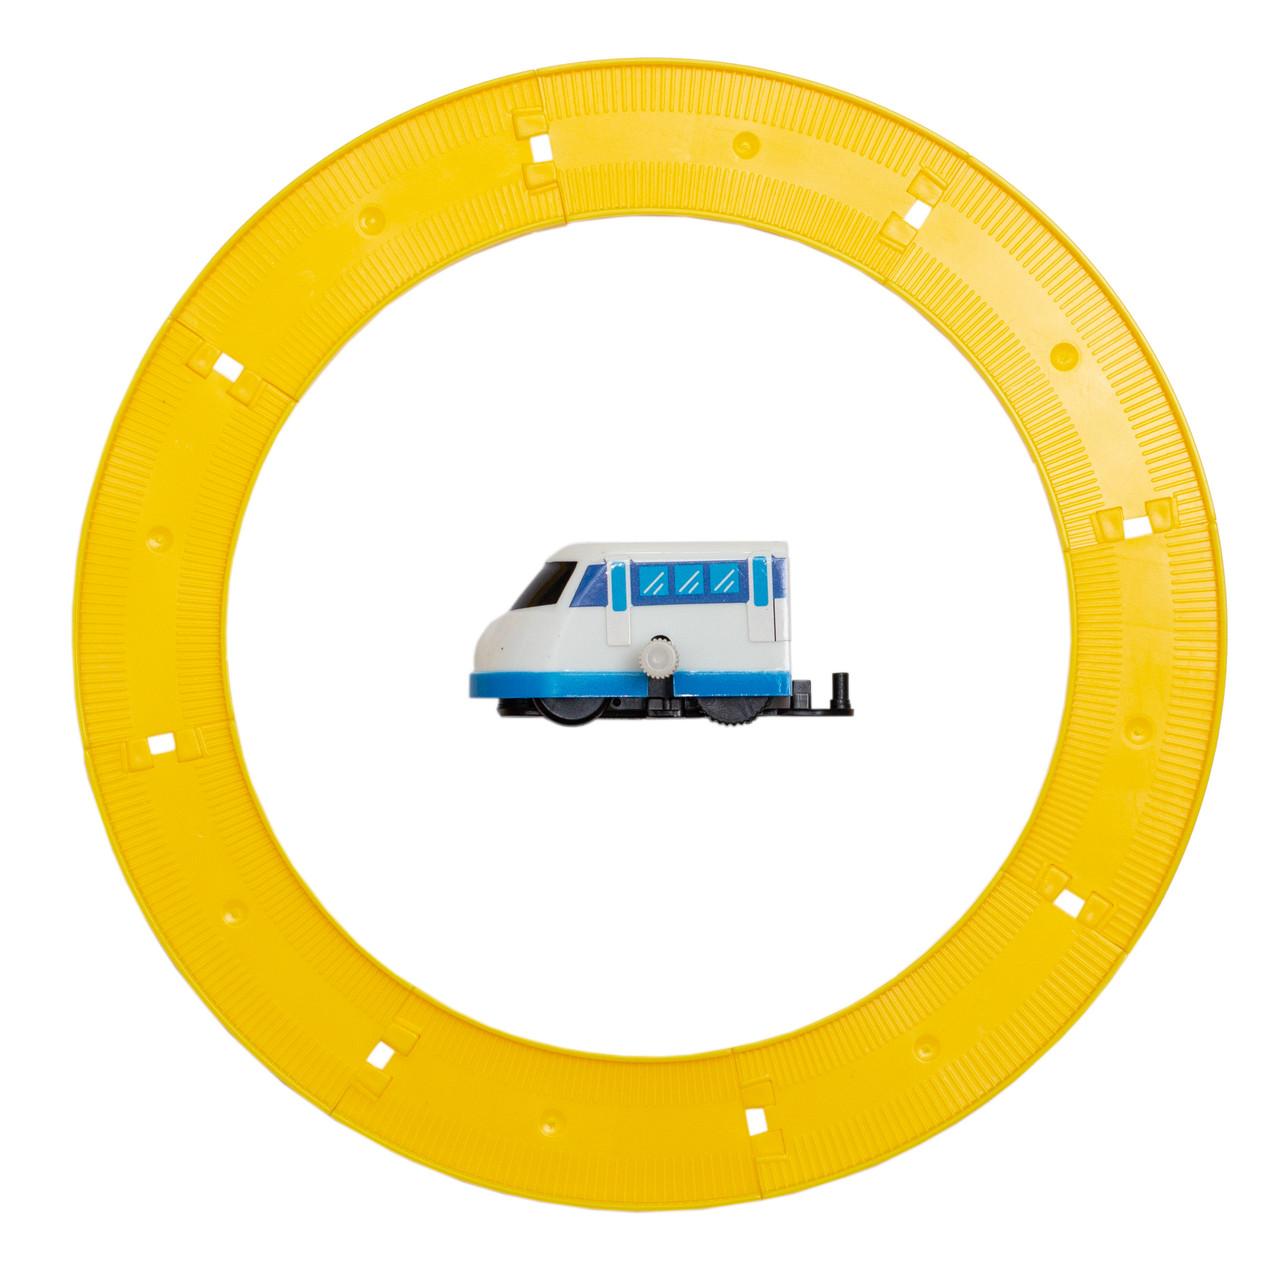 Іграшка заводна - поїзд з треком Aohua,  діаметр треку 16 см, довжина поїзда 5,5 см, блакитний (8023A-3-1)